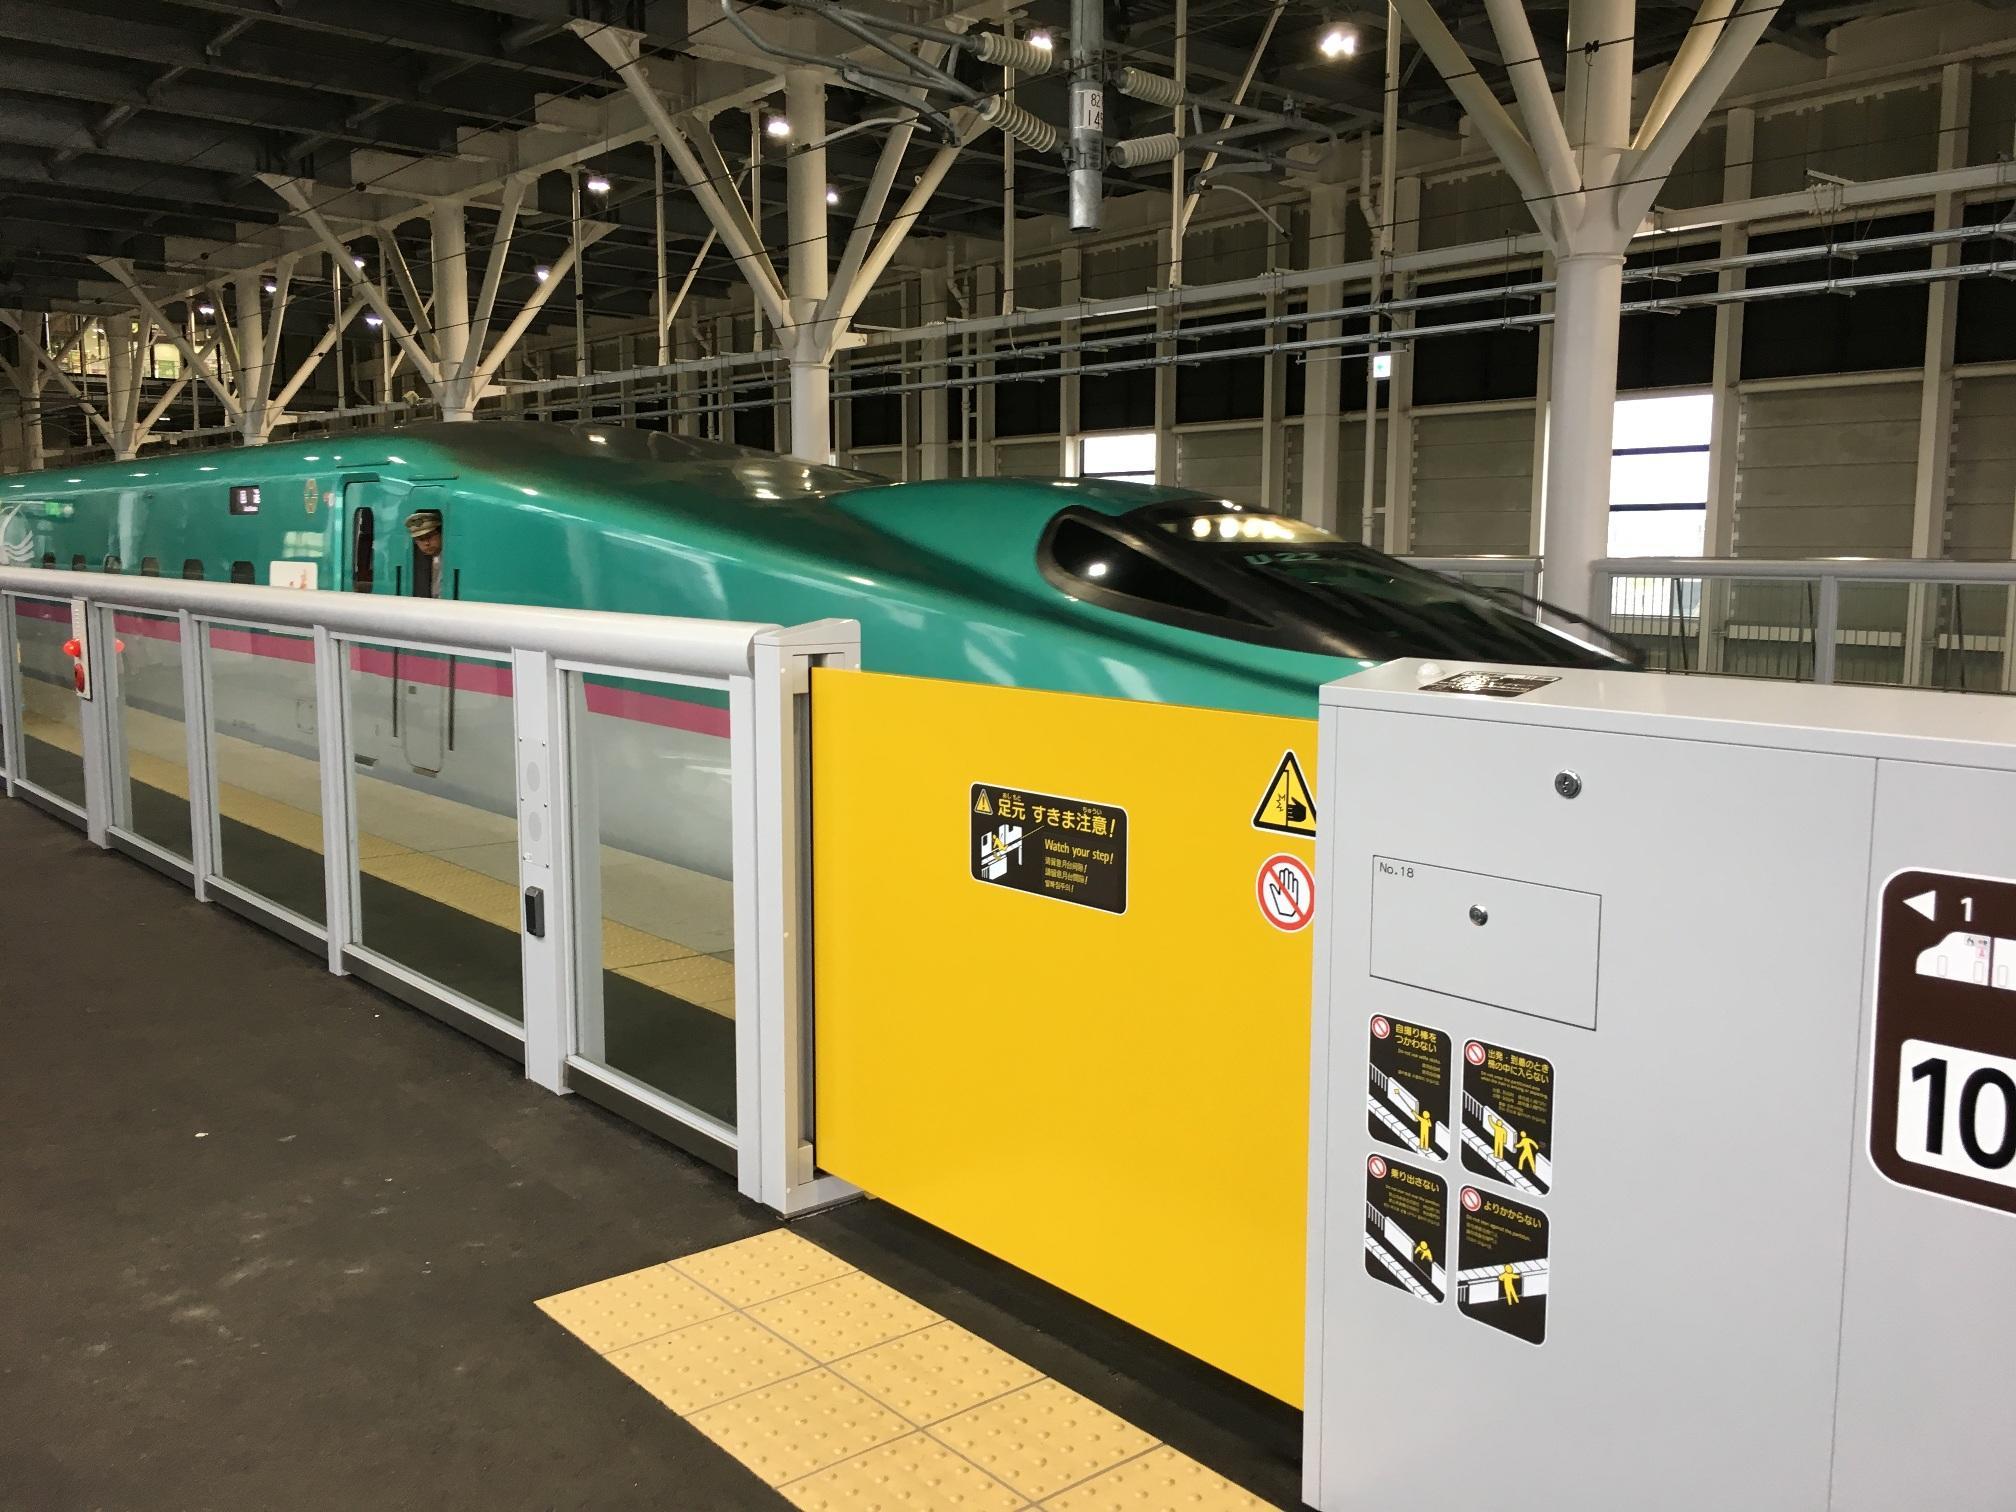 北海道新幹線(新函館北斗駅にて)